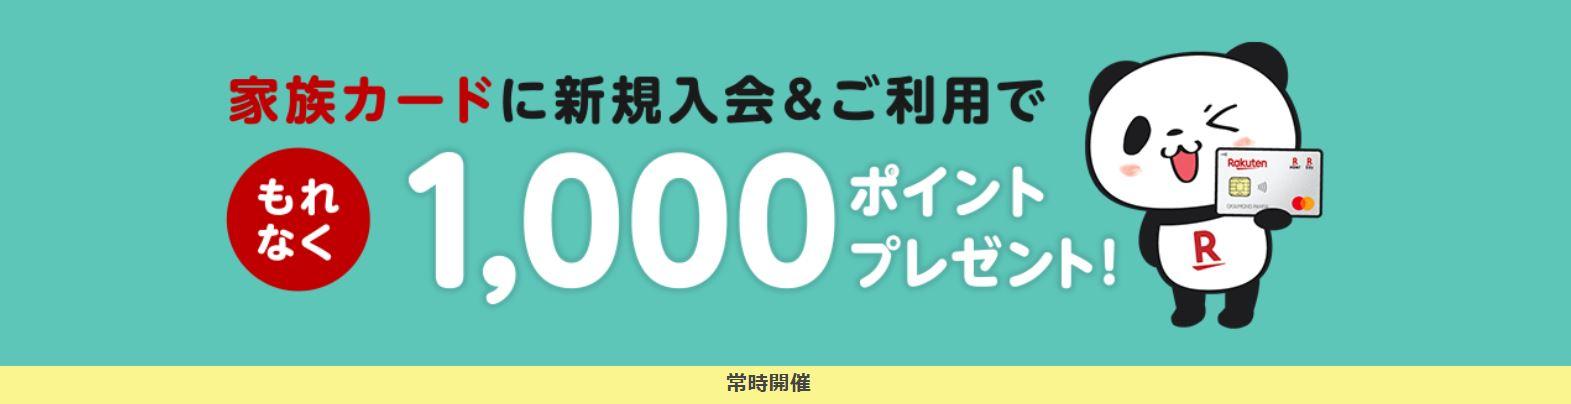 楽天家族カードキャンペーン